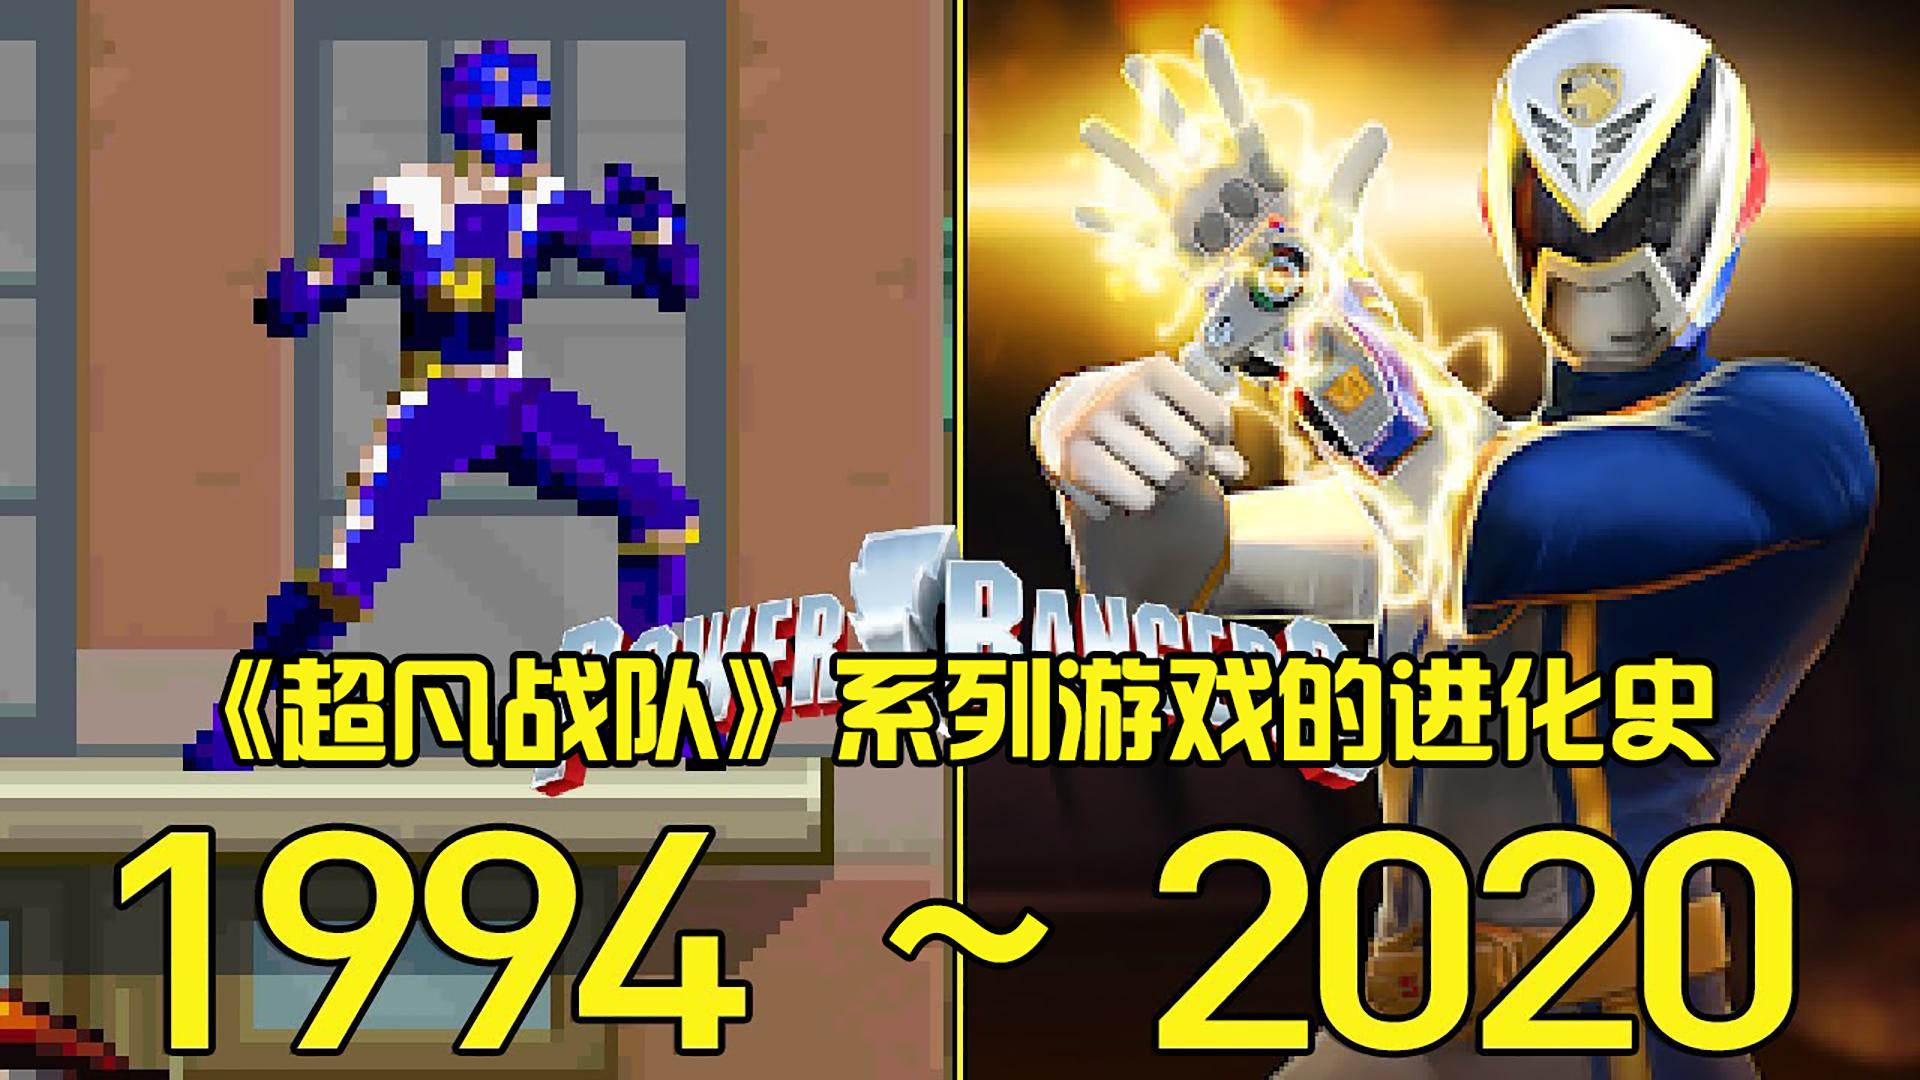 1994—2020年:《超凡战队》系列游戏的进化史!